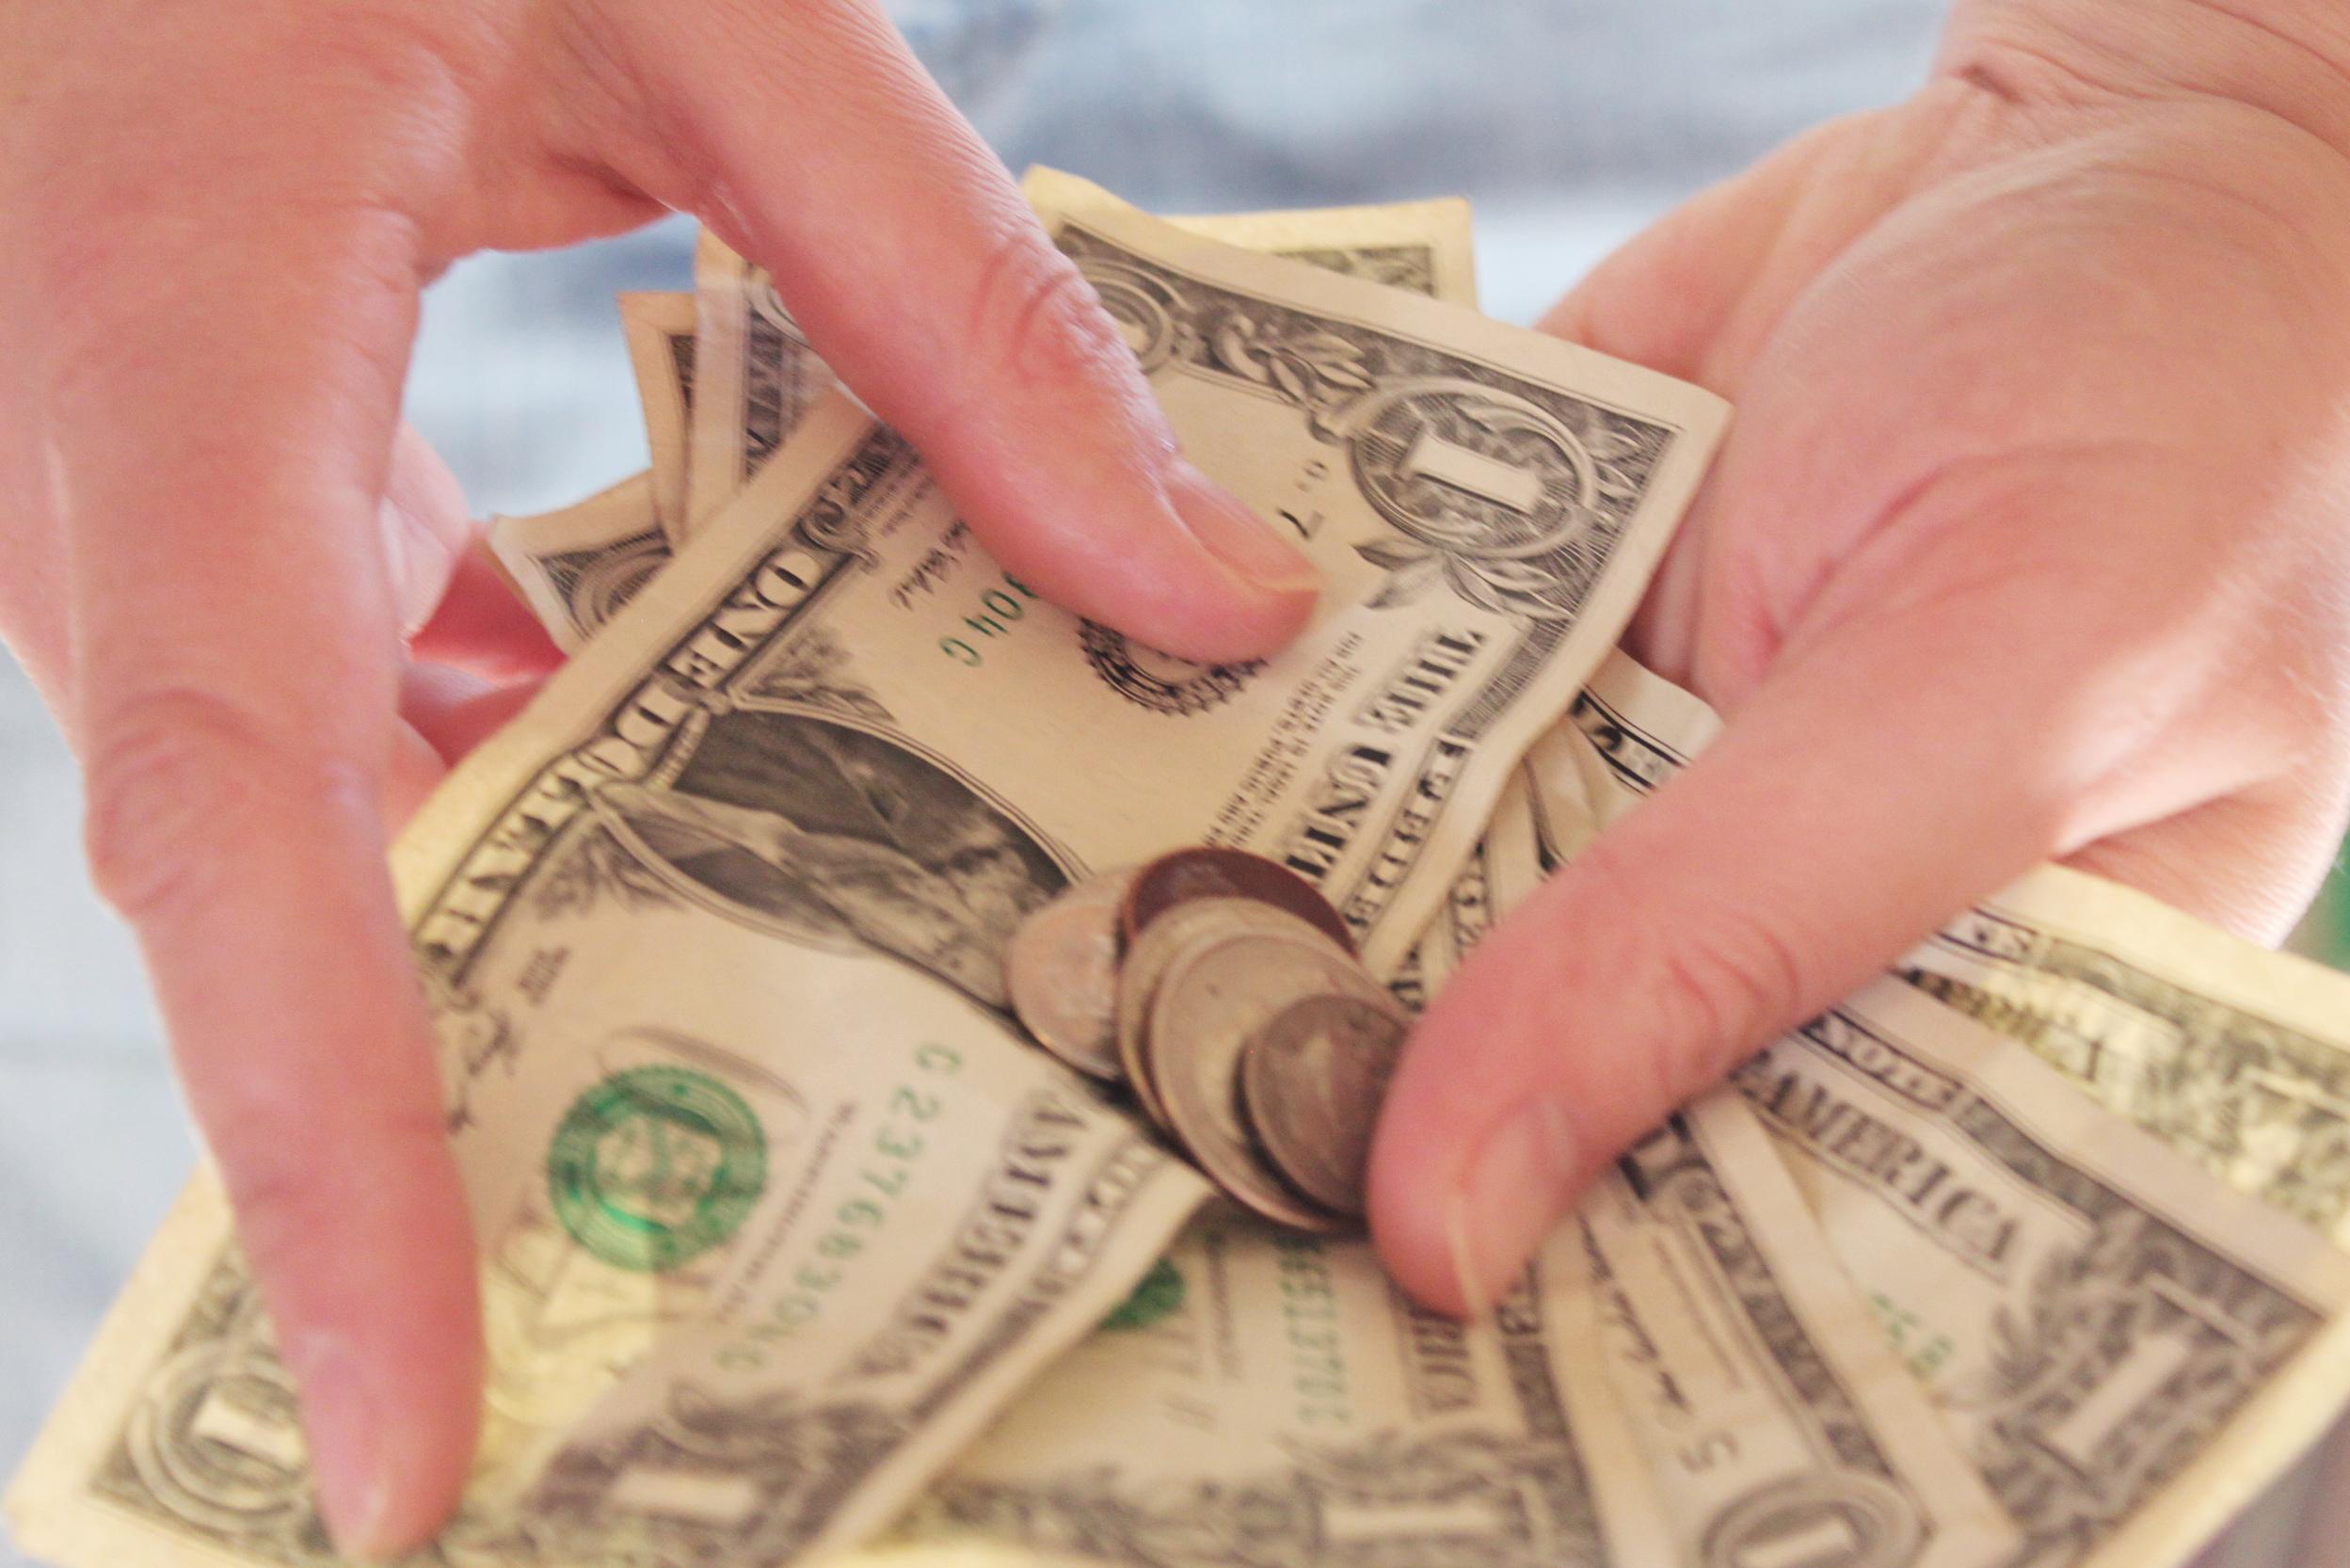 KNF ostrzega: dopuszczasz pośredników do systemu płatności w twoim sklepie internetowym? Uważaj, żeby klient nie został oszukany.